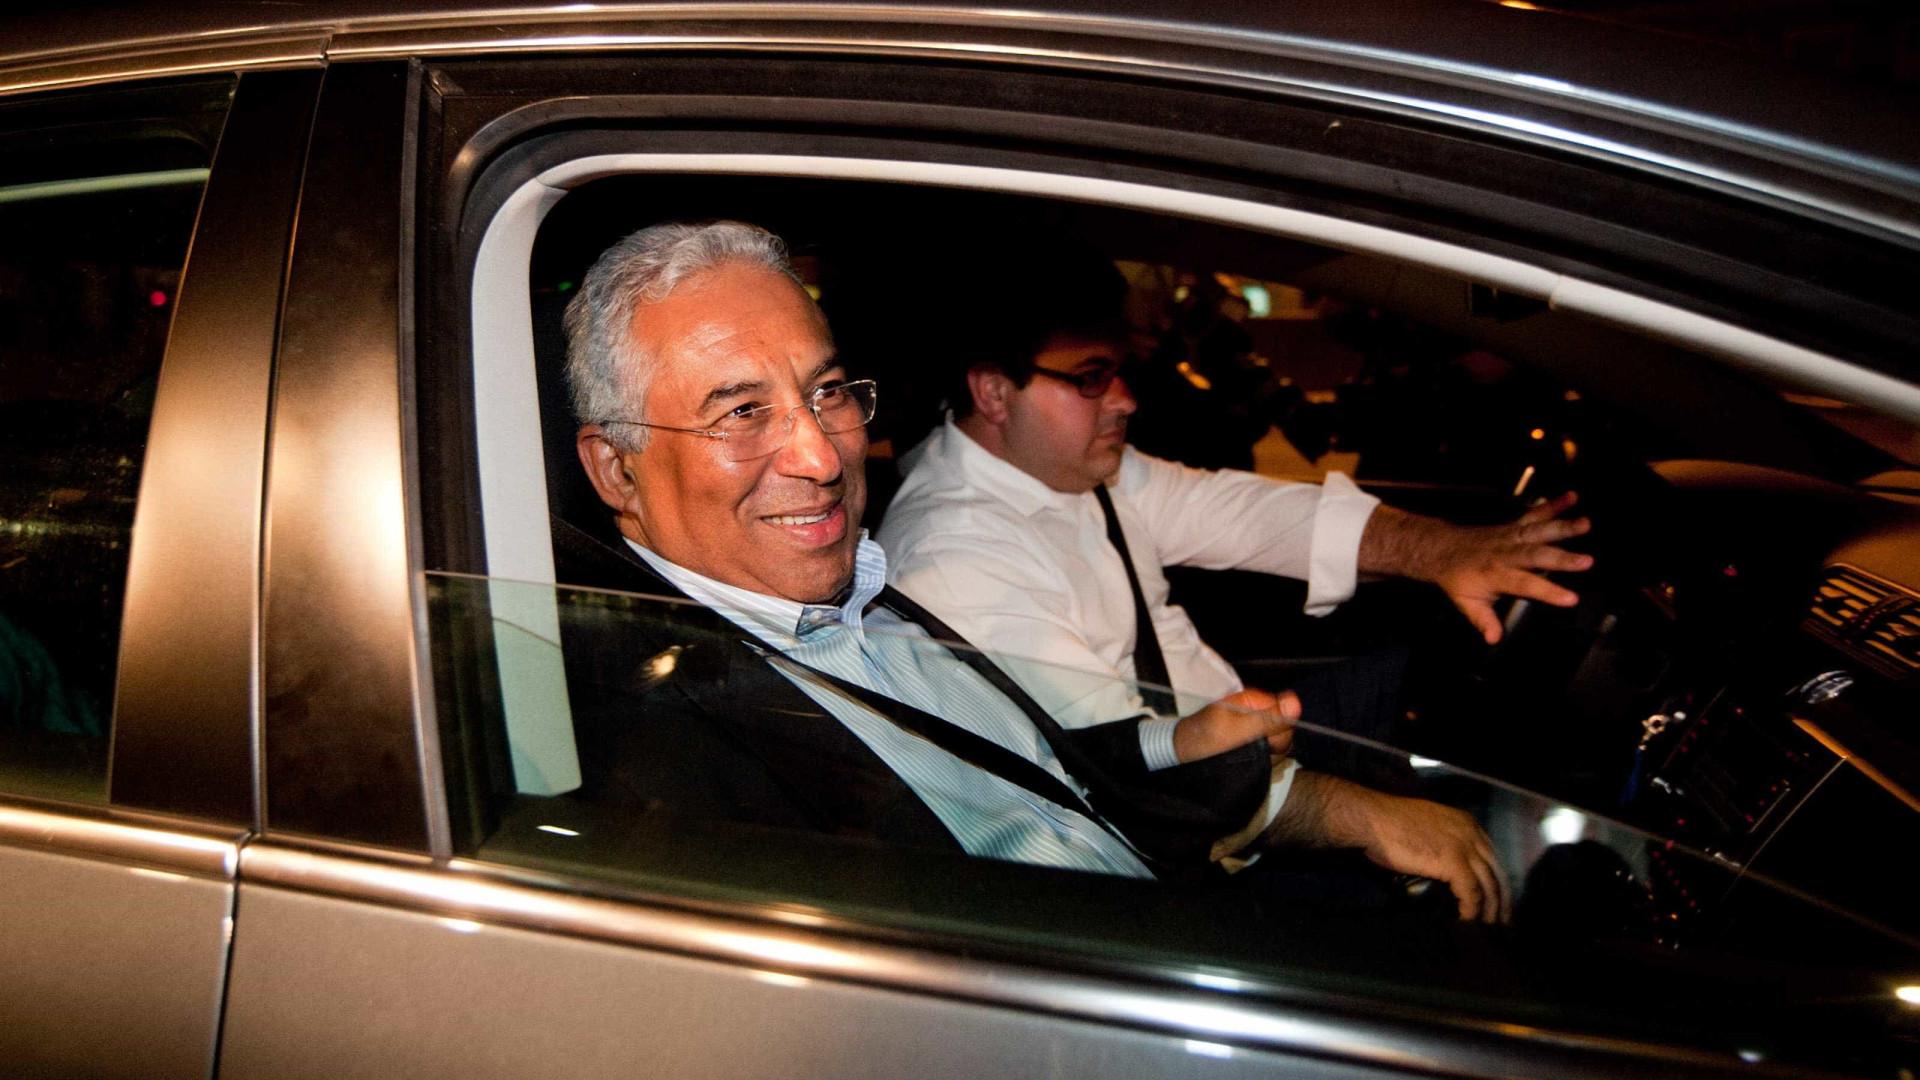 Costa felicita Rui Rio e deseja-lhe felicidades da liderança da oposição